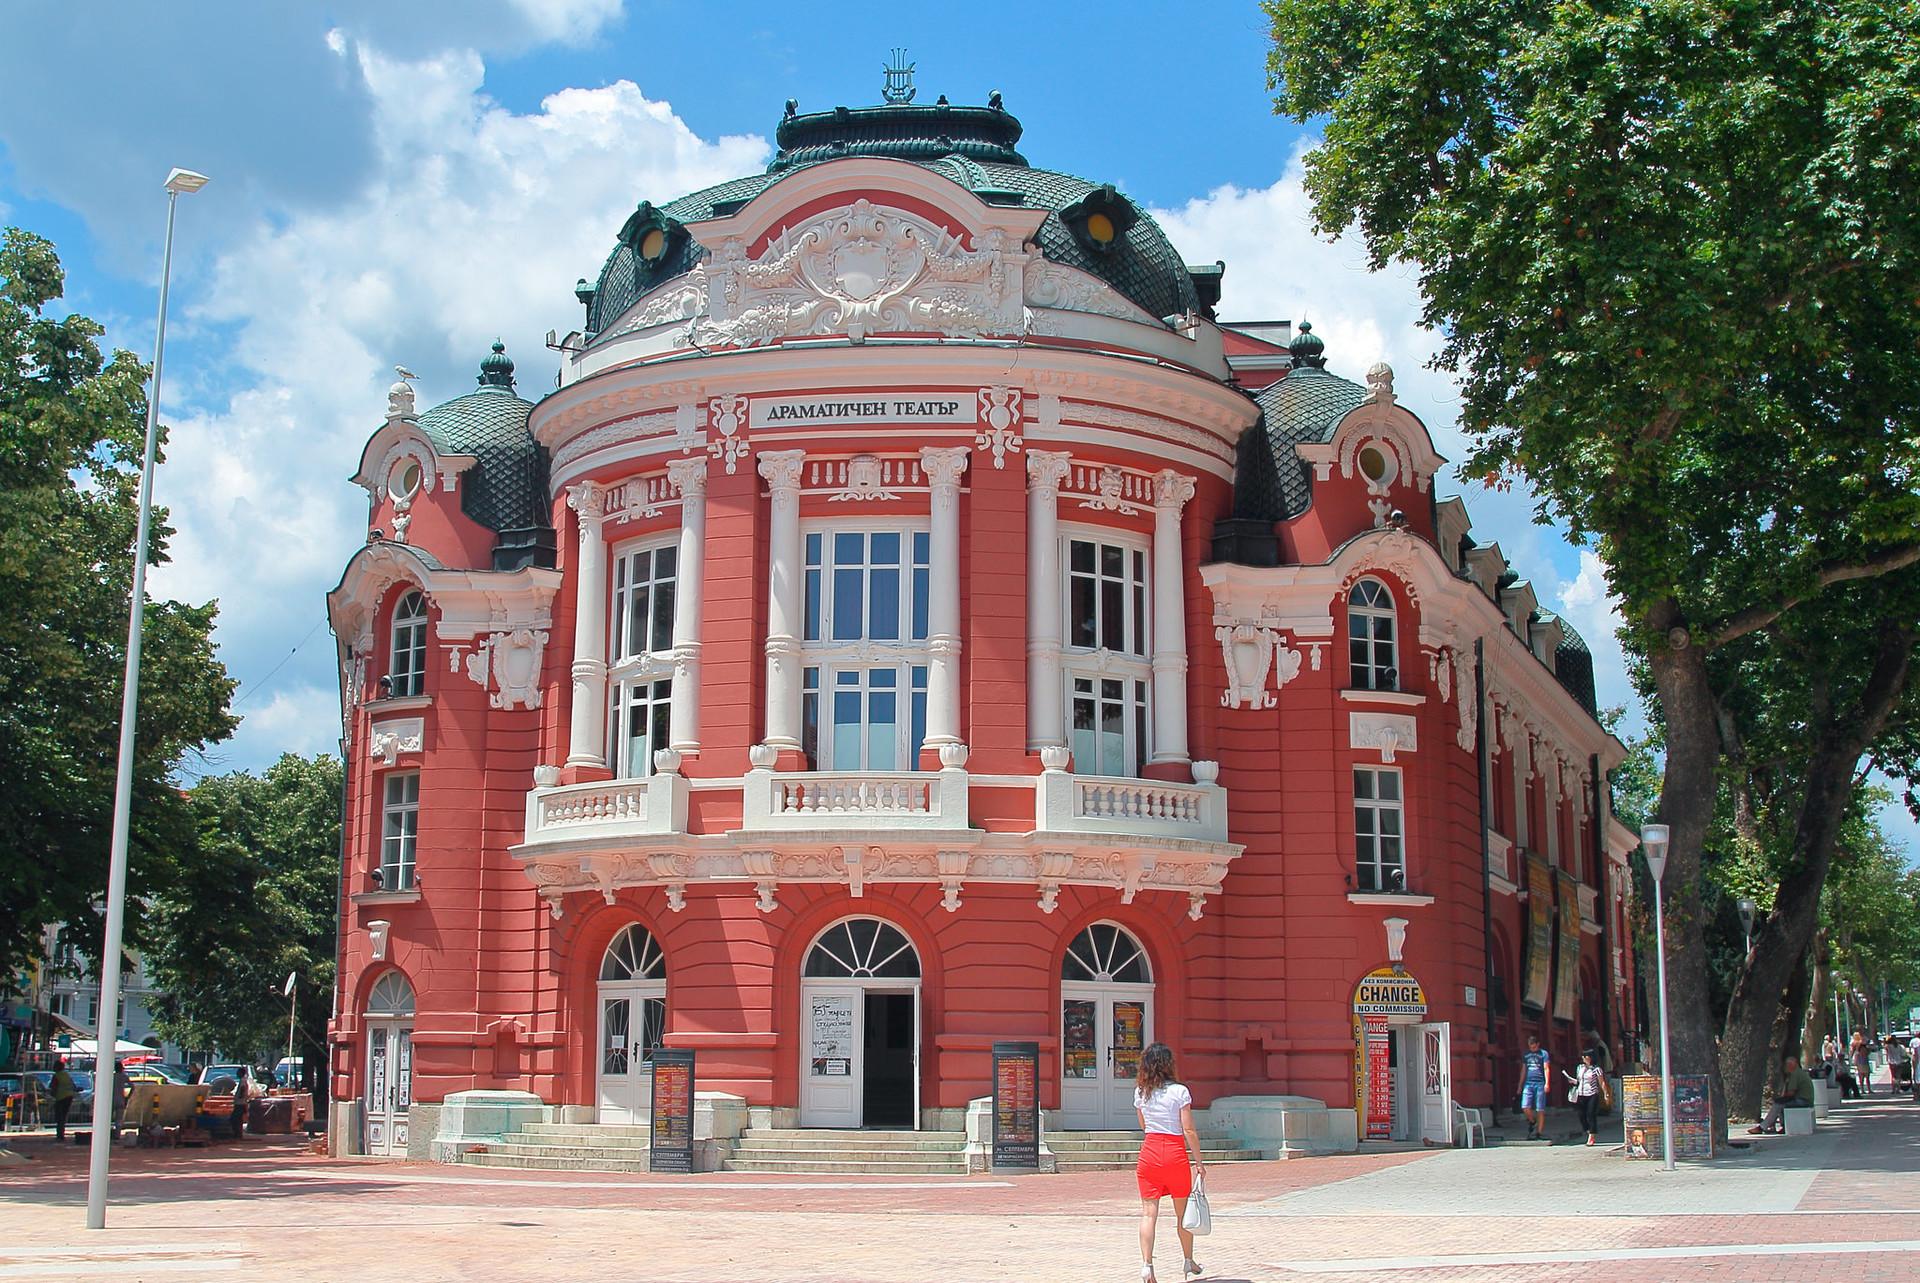 Doświadczenie w Warnie, Bułgaria według Десислава